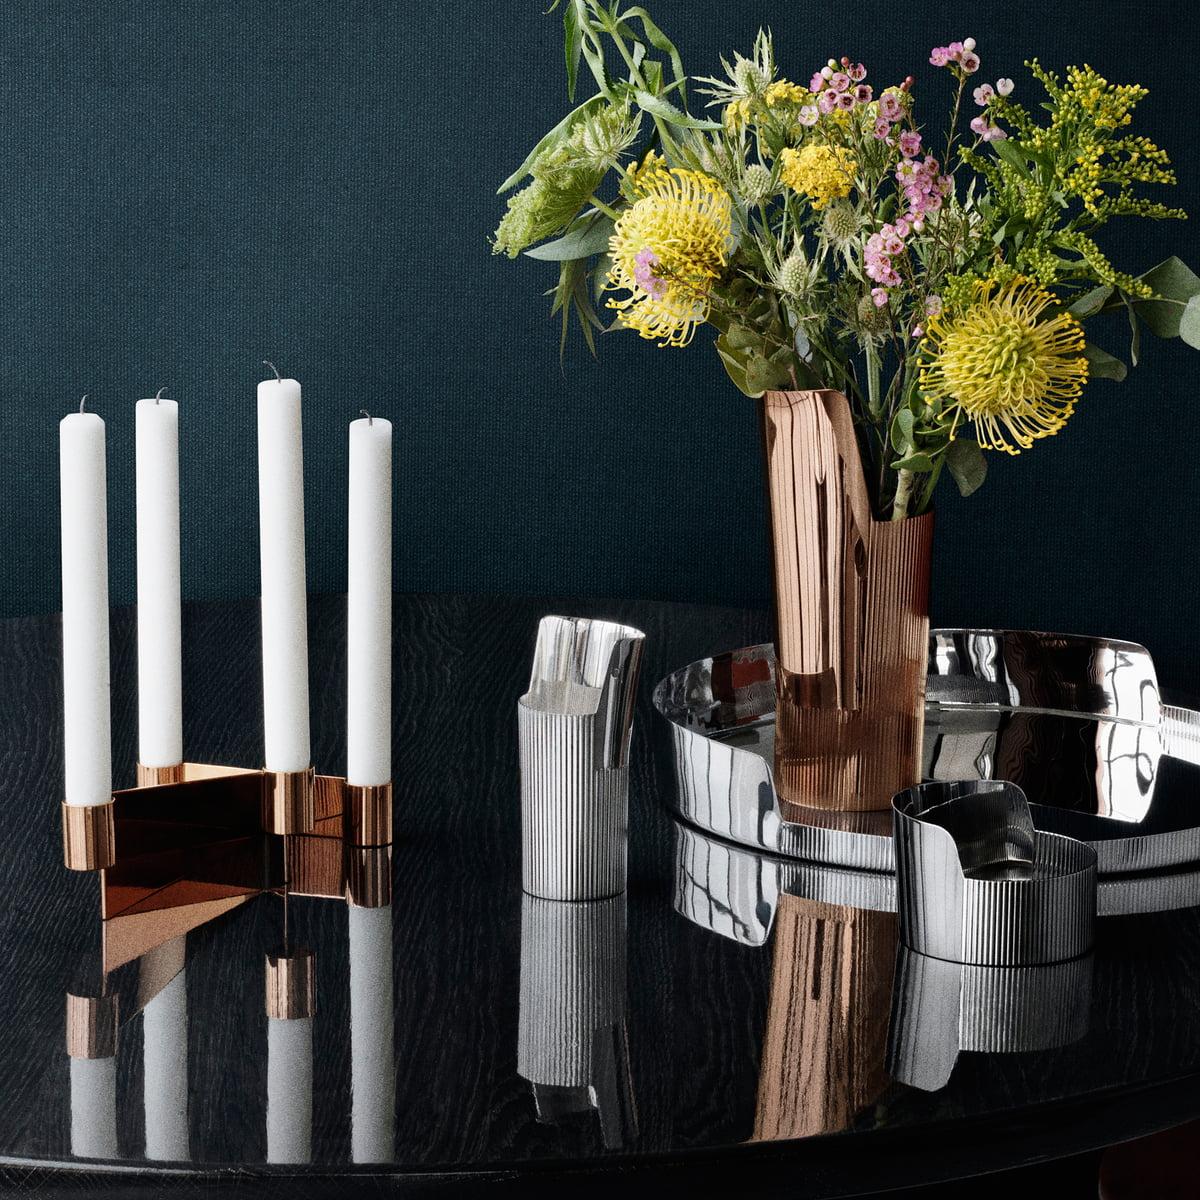 urkiola kerzenhalter von georg jensen im shop. Black Bedroom Furniture Sets. Home Design Ideas